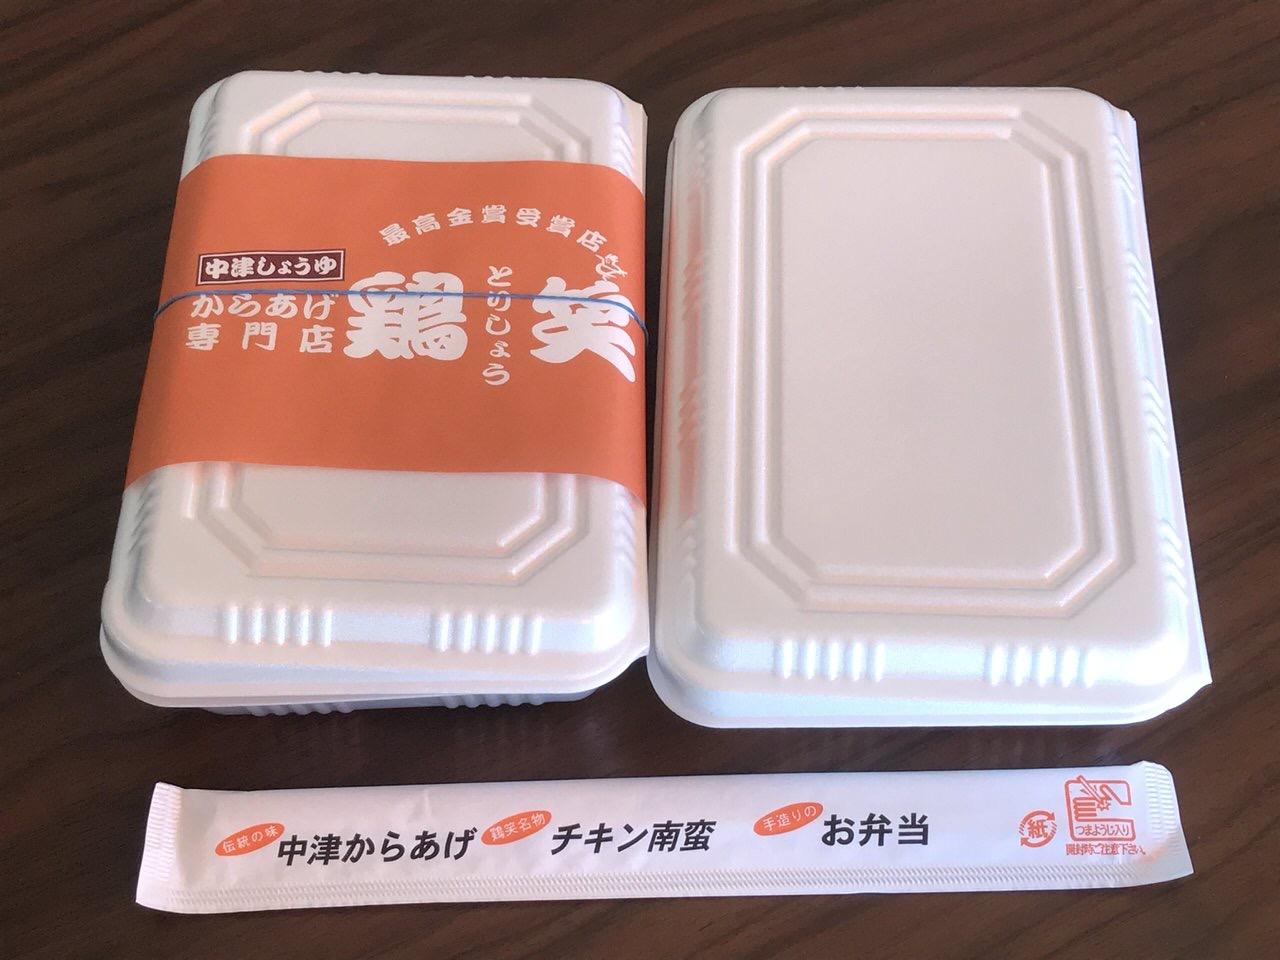 鶏笑 浦和本店 モモ唐揚げ弁当